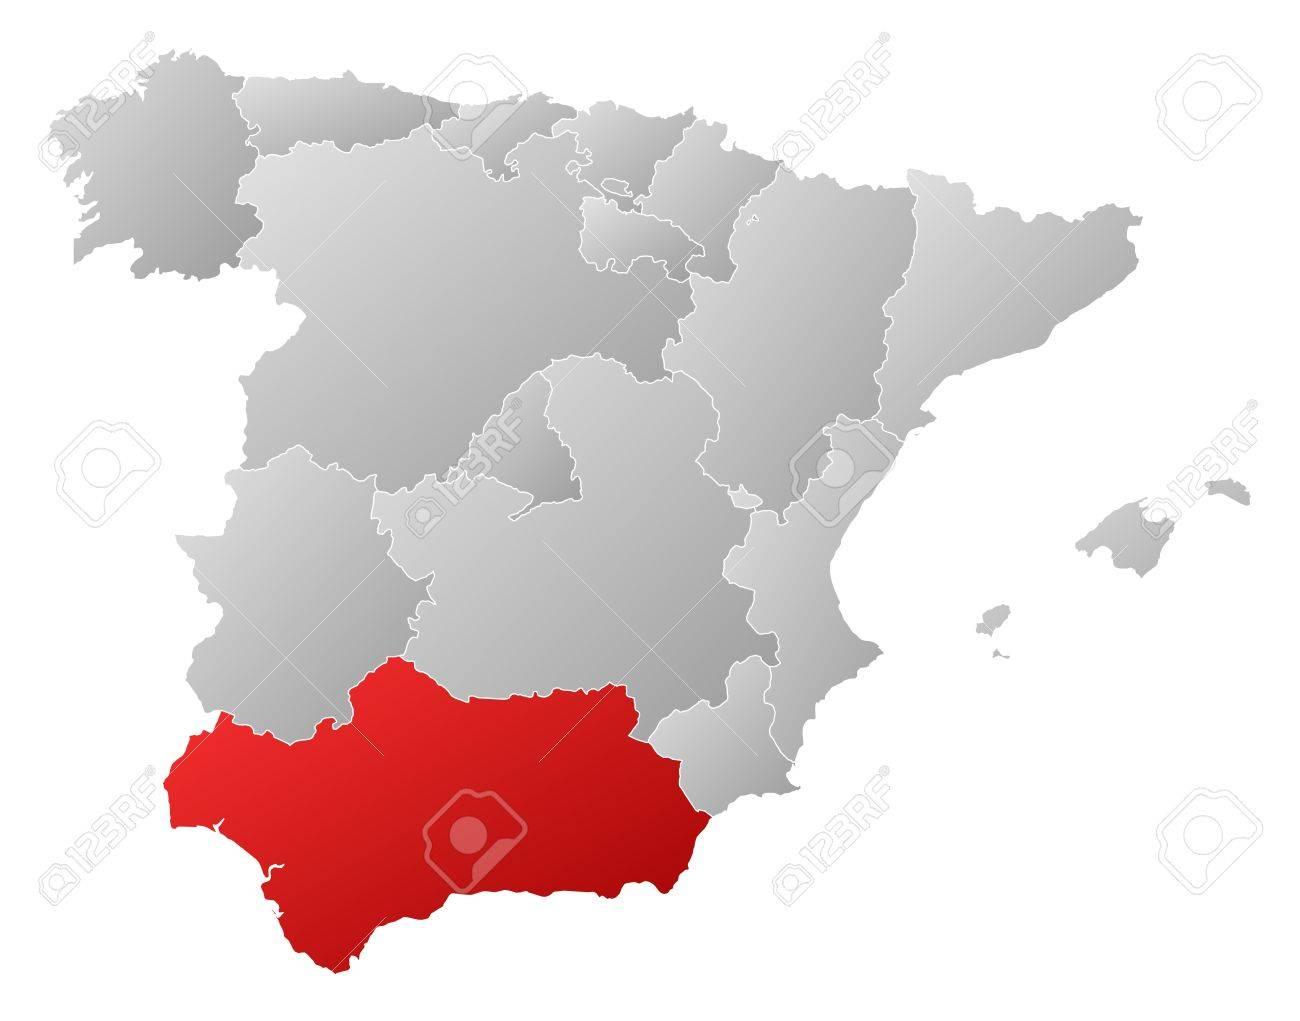 Cartina Muta Spagna Con Regioni.Vettoriale Mappa Politica Della Spagna Con Le Varie Regioni In Cui E Evidenziato Andalusia Image 11566030